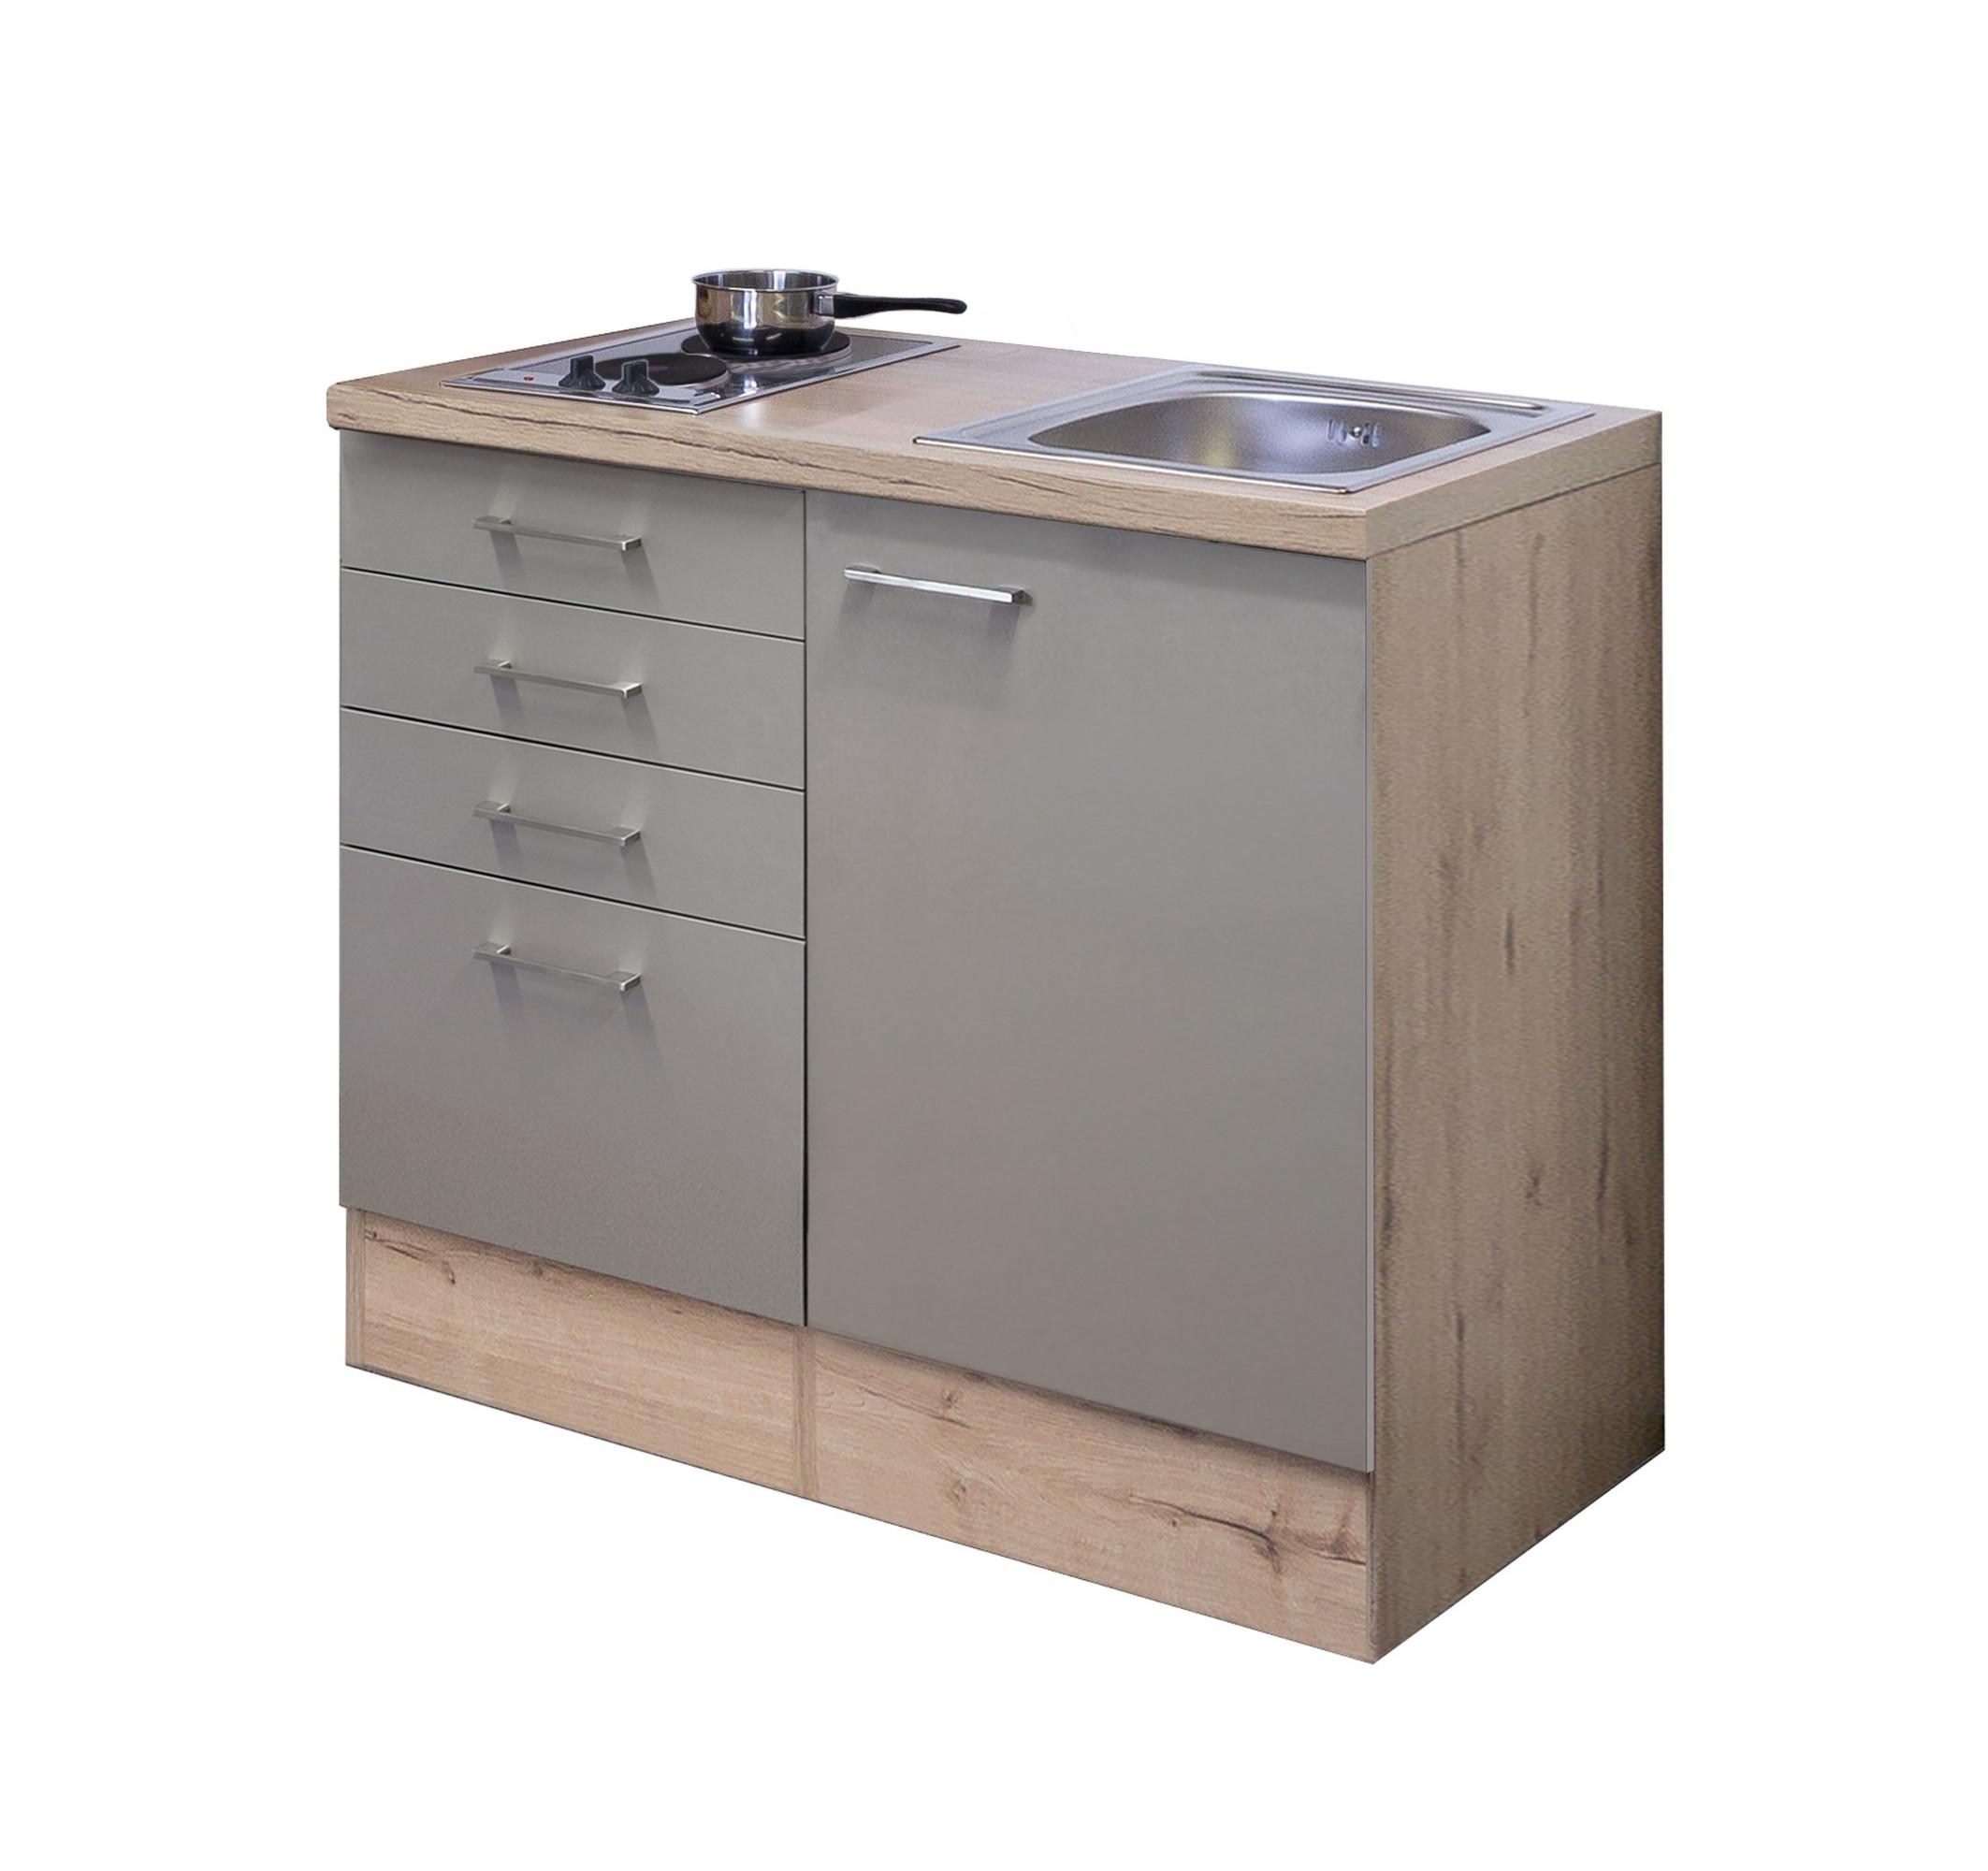 singlek che riva b rok che studentenk che minik che 100 cm bronze metallic ebay. Black Bedroom Furniture Sets. Home Design Ideas